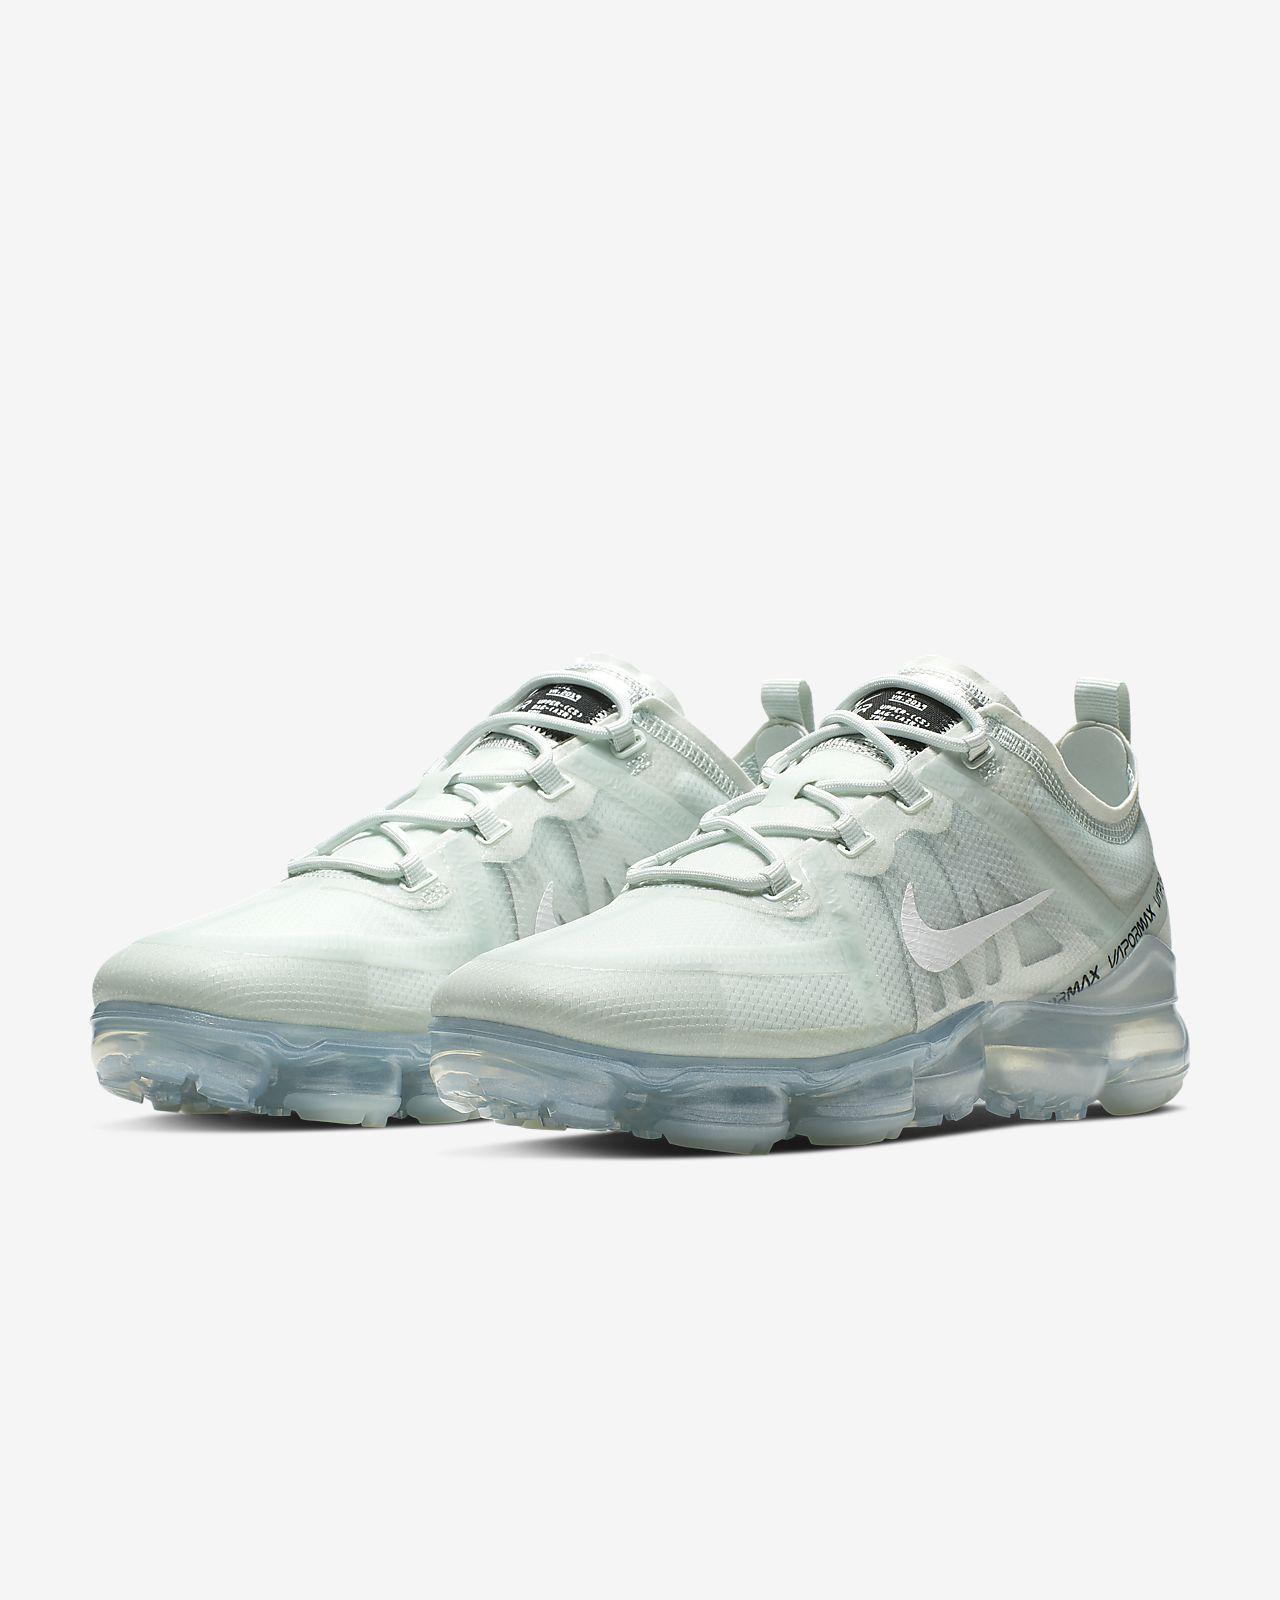 ac13e1ab6b Calzado Nike Air VaporMax 2019. Nike.com MX